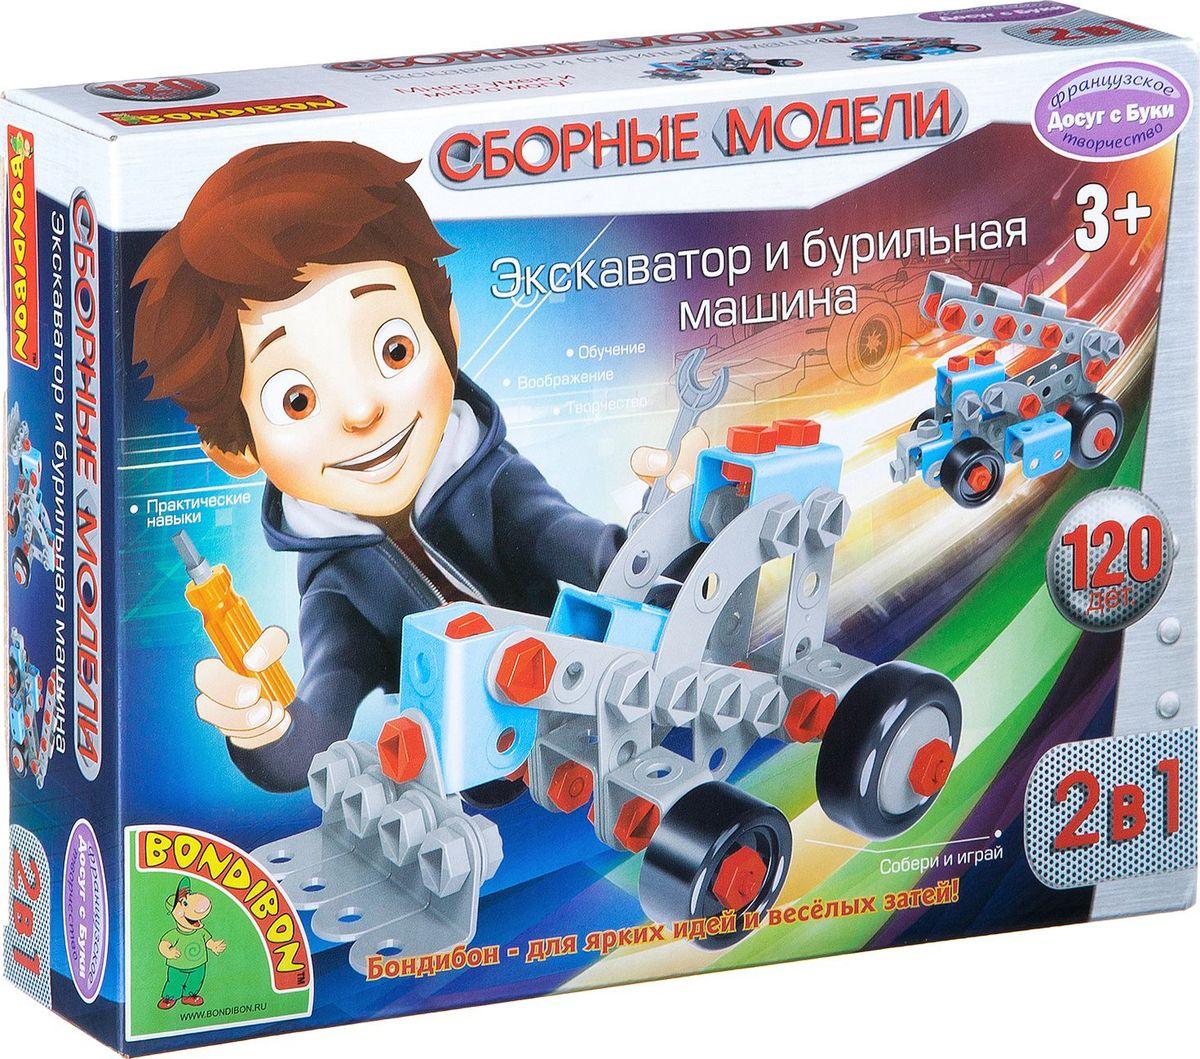 Bondibon Конструктор Экскаватор и бурильная машина 2 в 1 конструктор bondibon мотоцикл и багги 2 в 1 114 деталей разноцветный